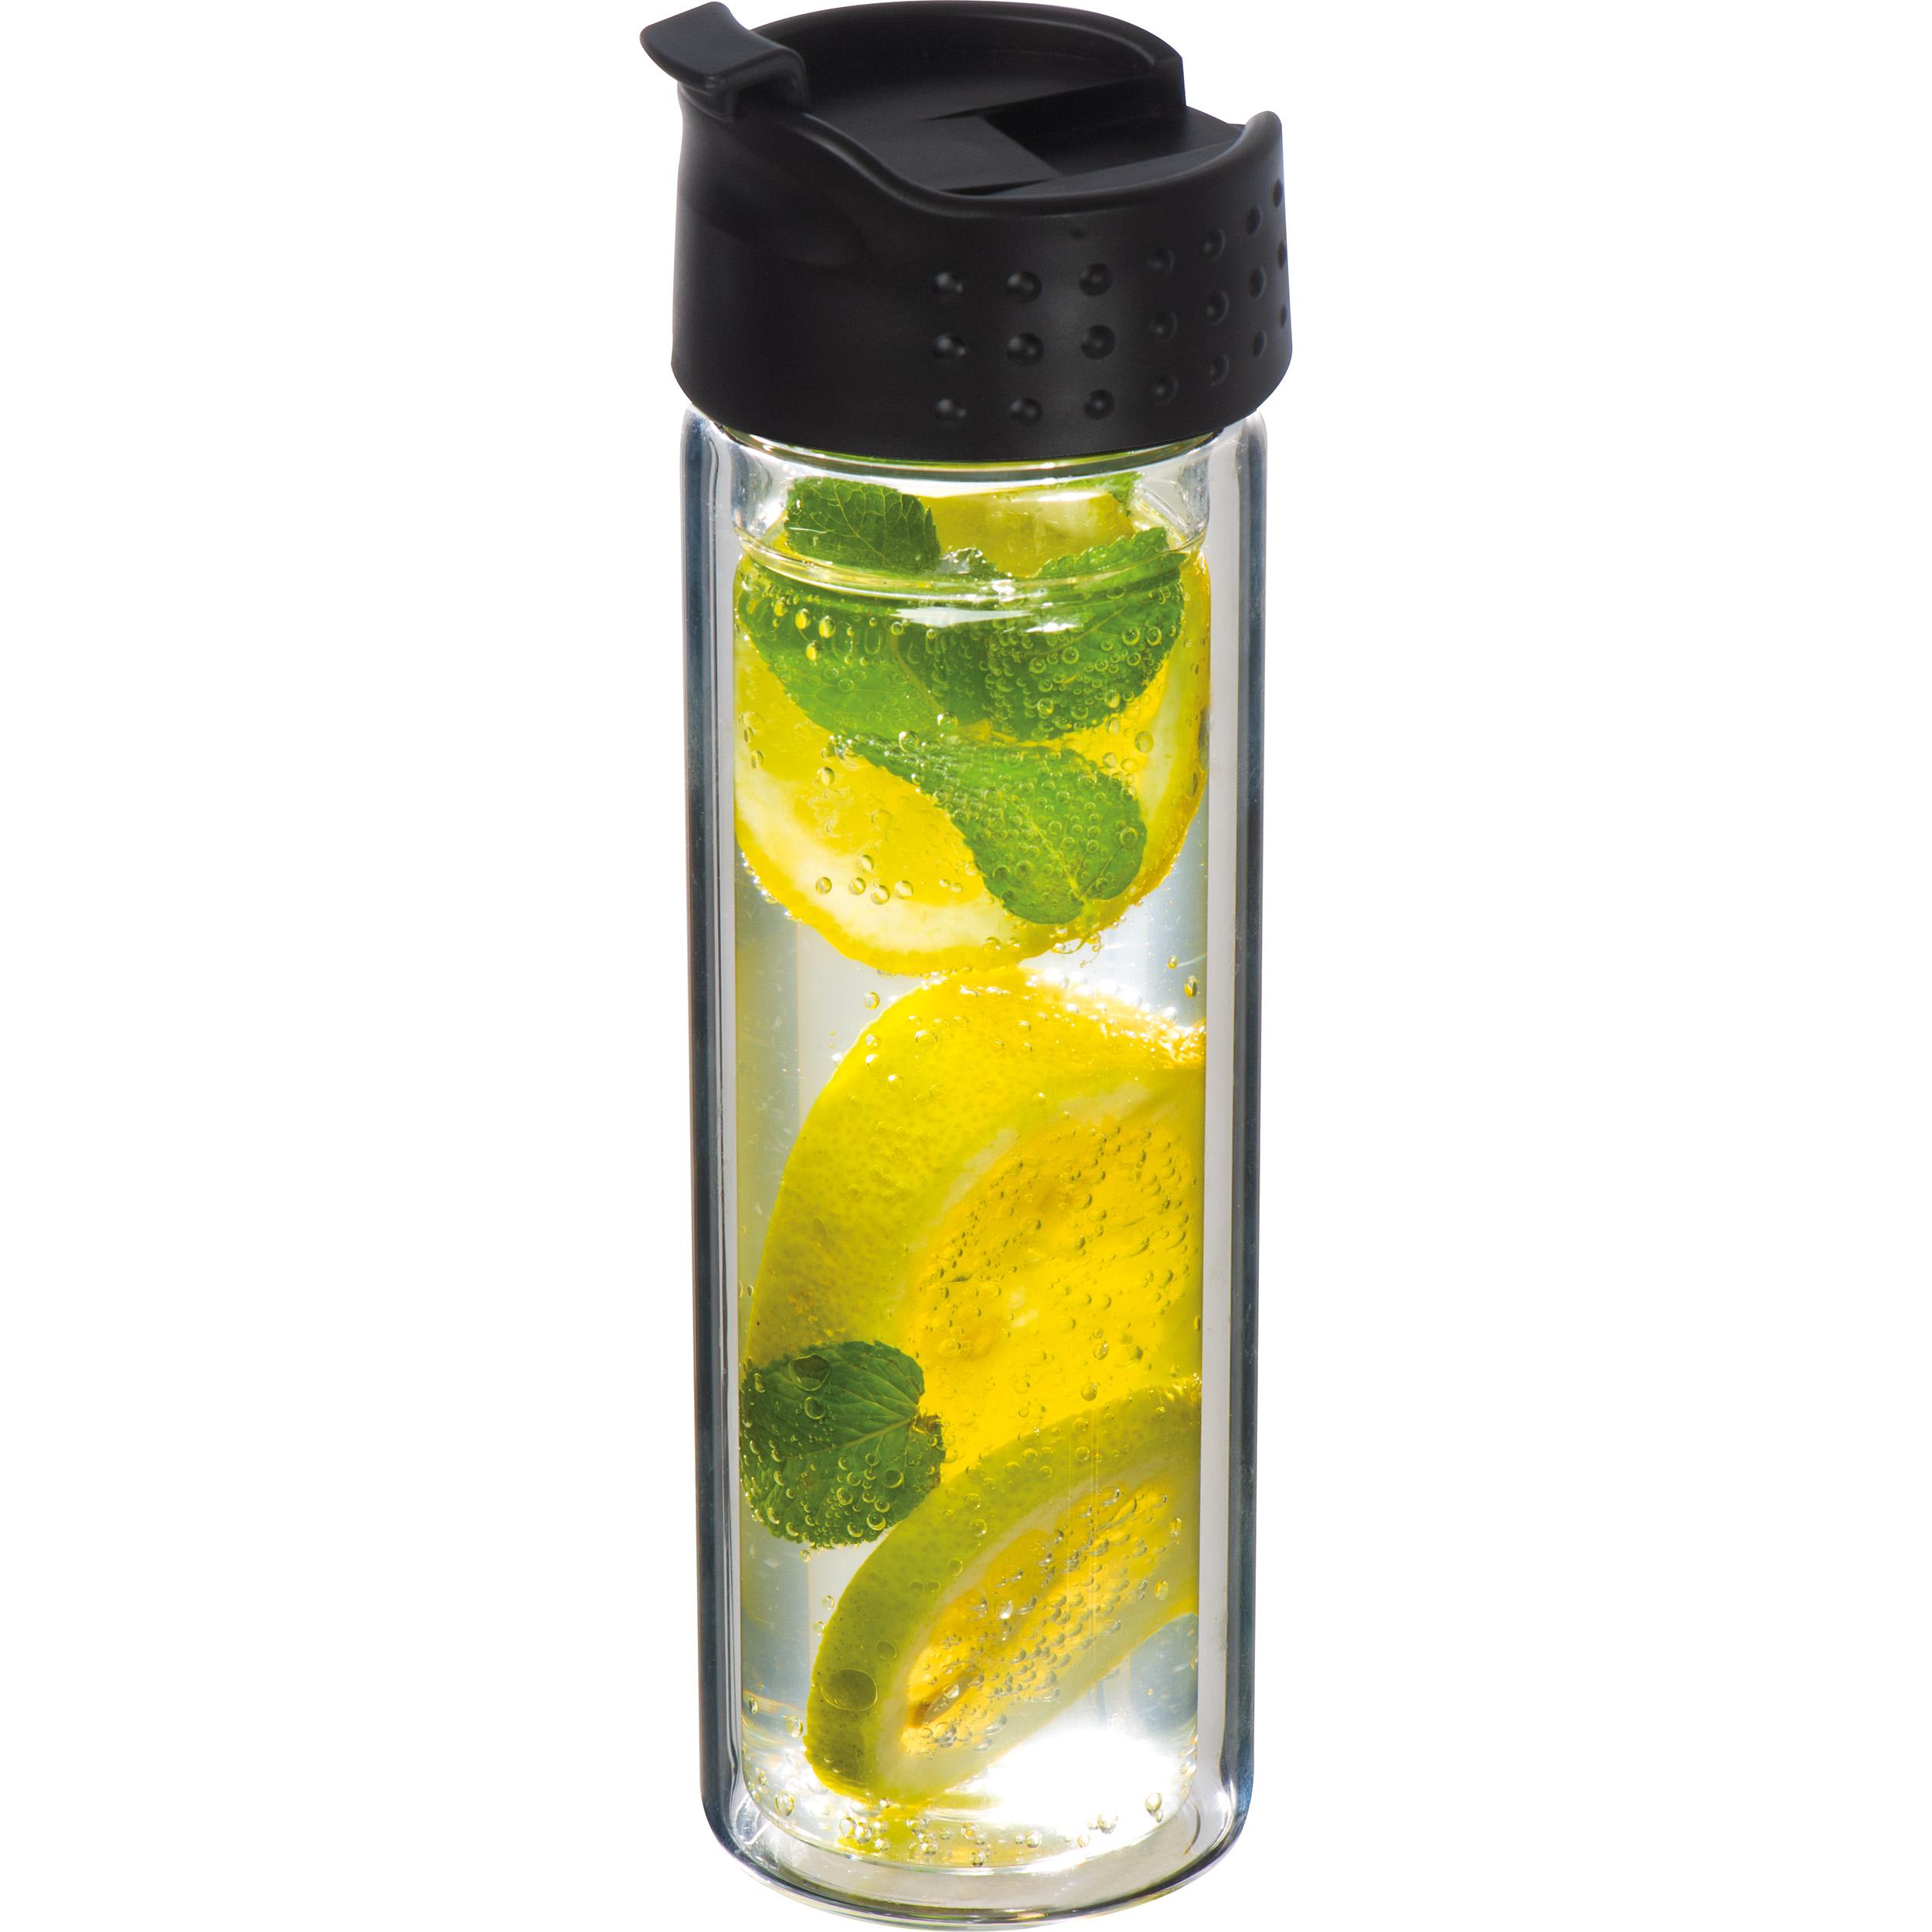 Doppelwandige Vakuum-Glasflasche mit Siebeinsatz, 400 ml